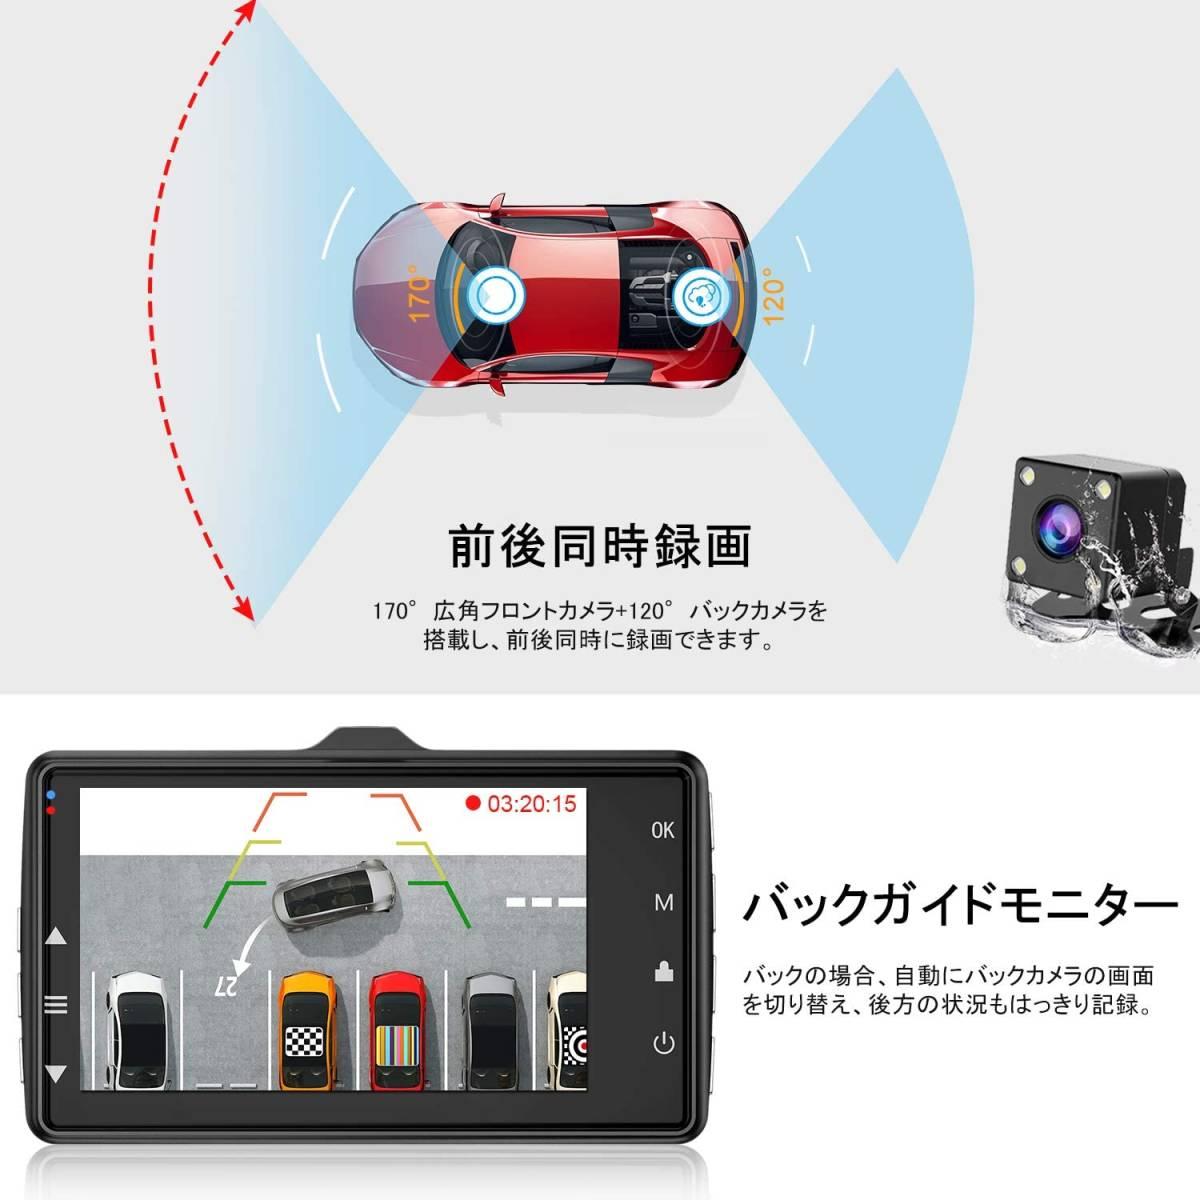 【2021進化版&GPS搭載&前後カメラ】.ドライブレコーダー 前後カメラ1080PフルHD 3.0インチ高画質 170度広角視野 常時録画 Gセンサー_画像3